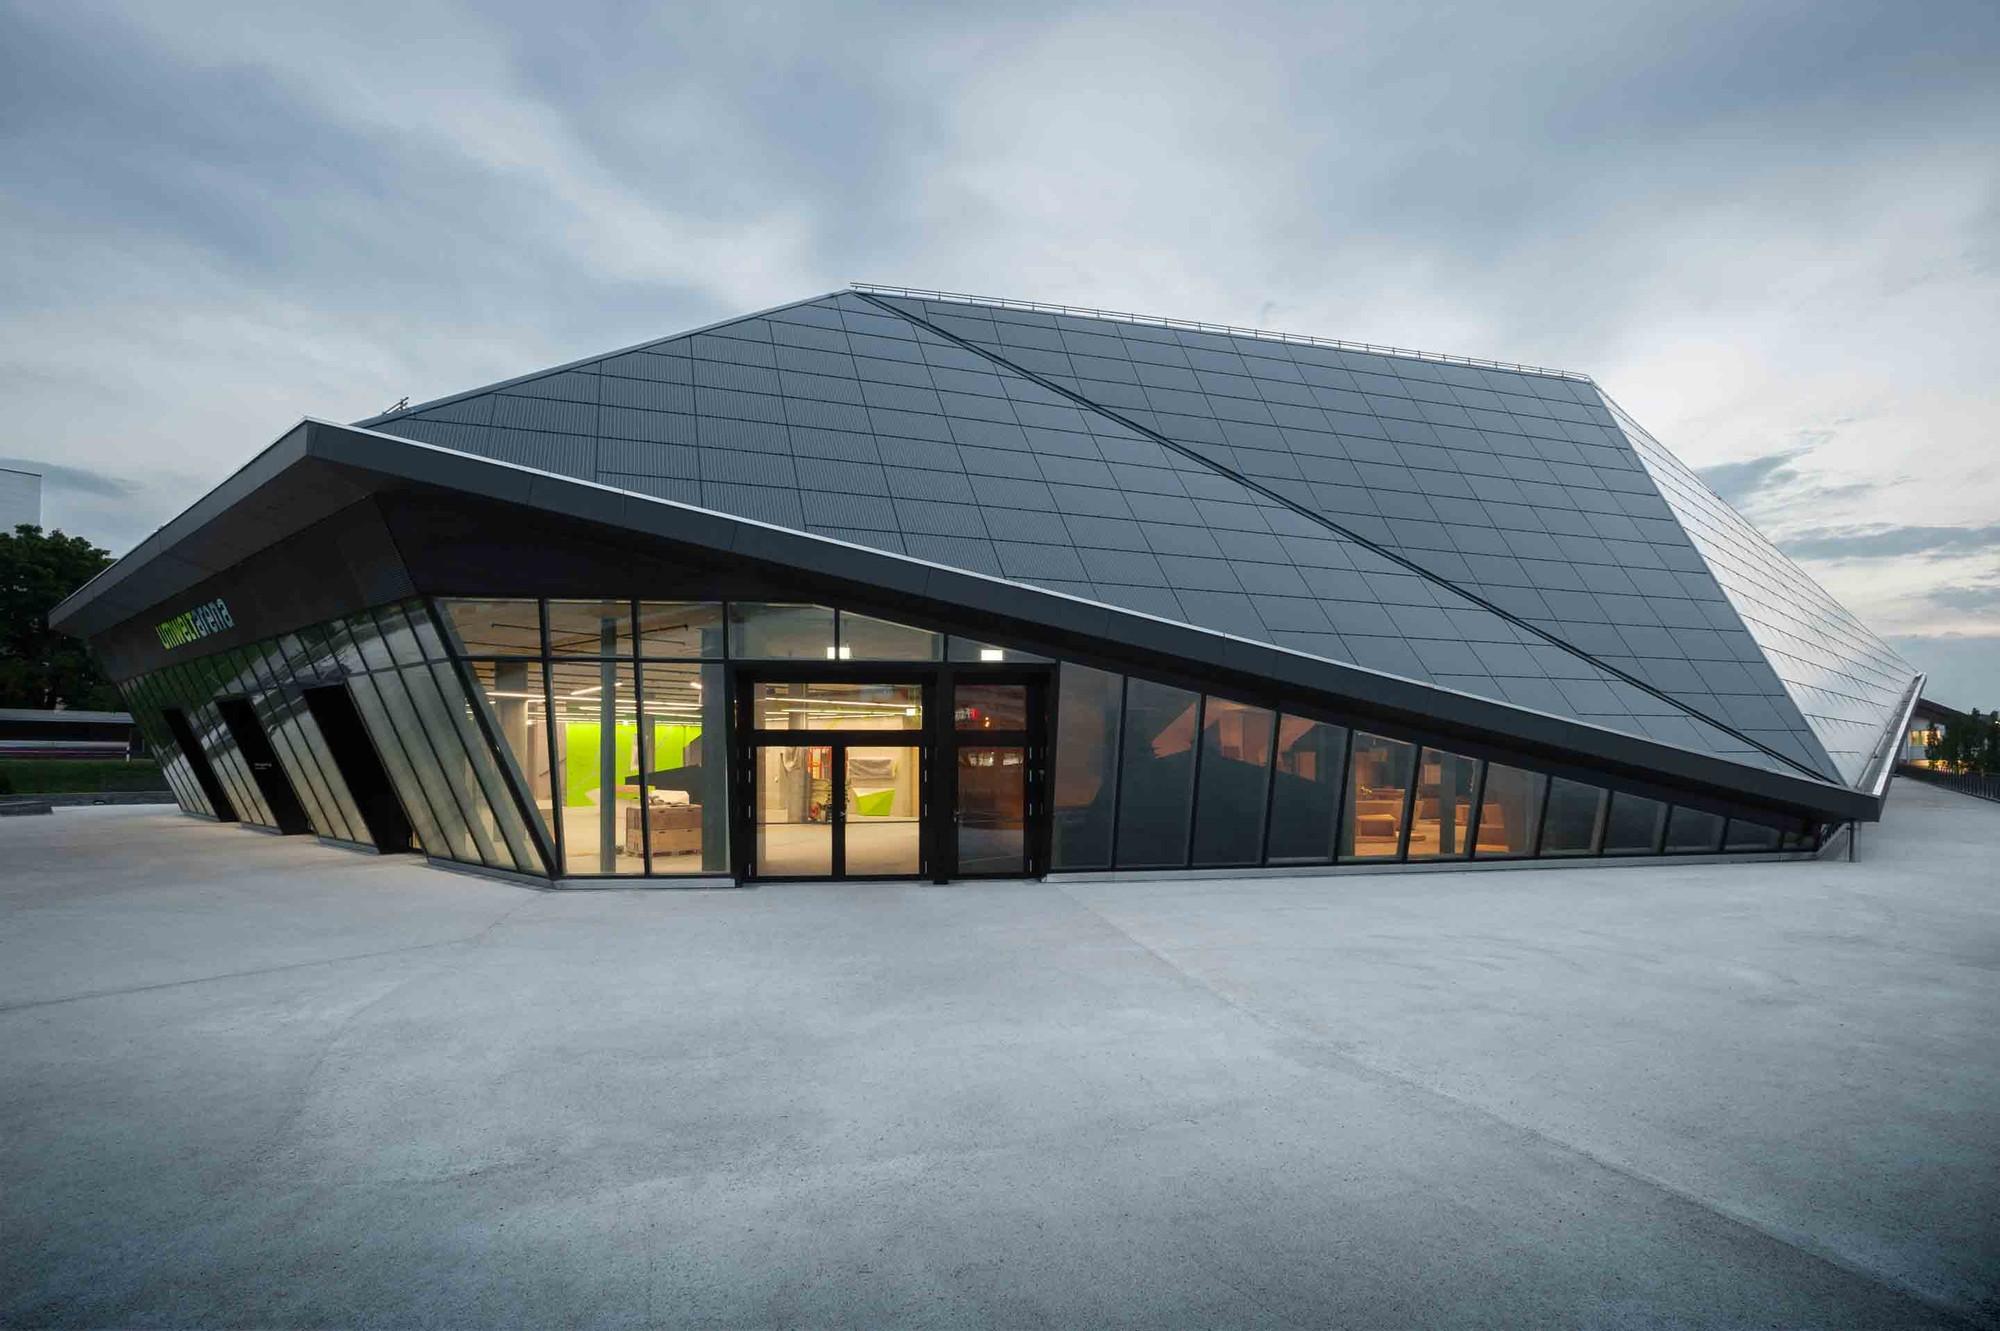 Umwelt Arena / Rene Schmid Architekten